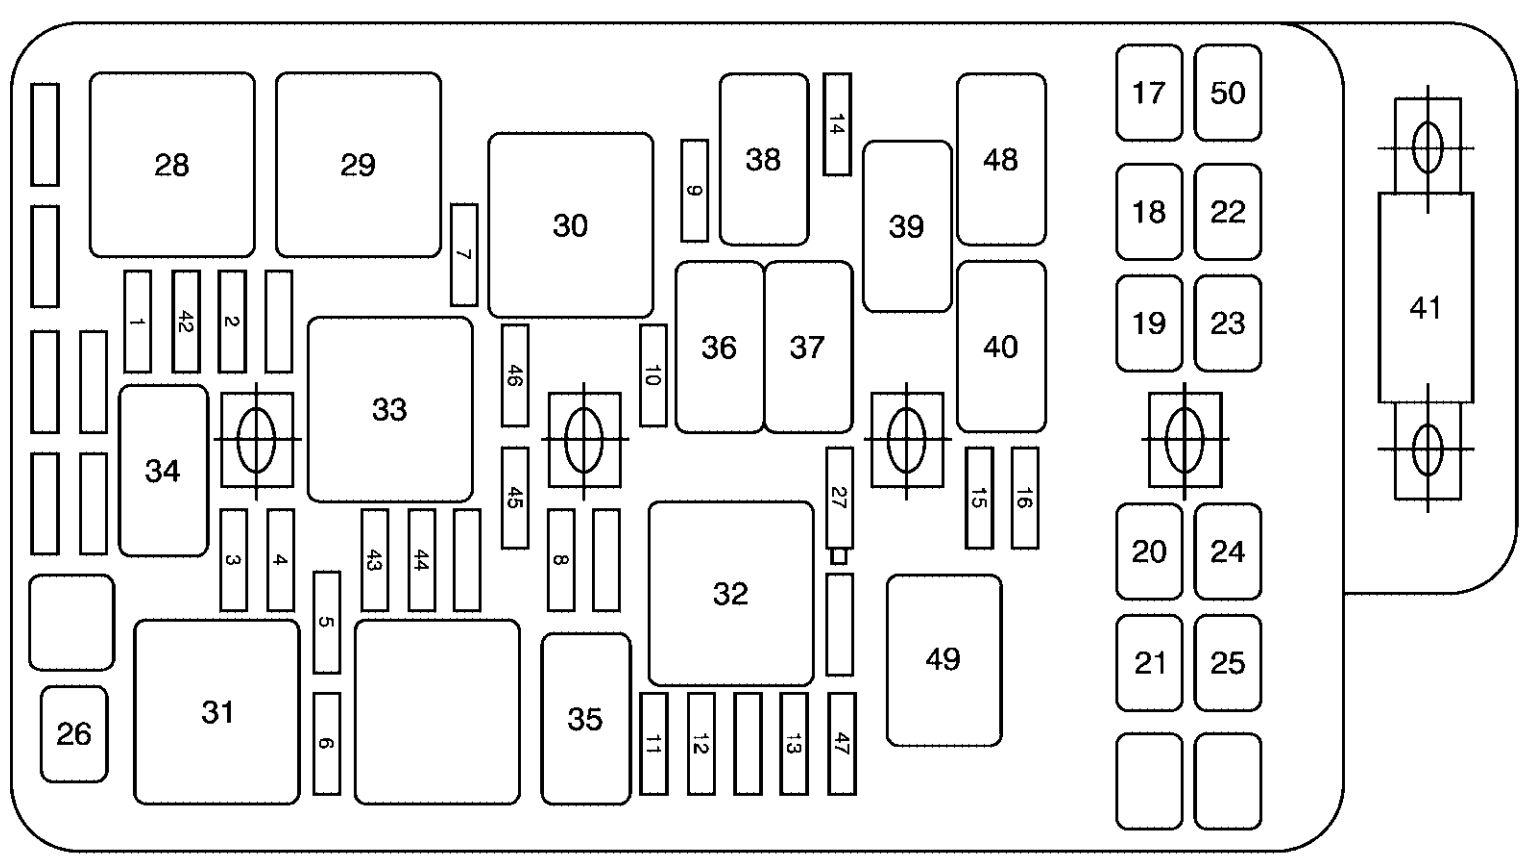 fuse box diagram for 2006 pontiac g6